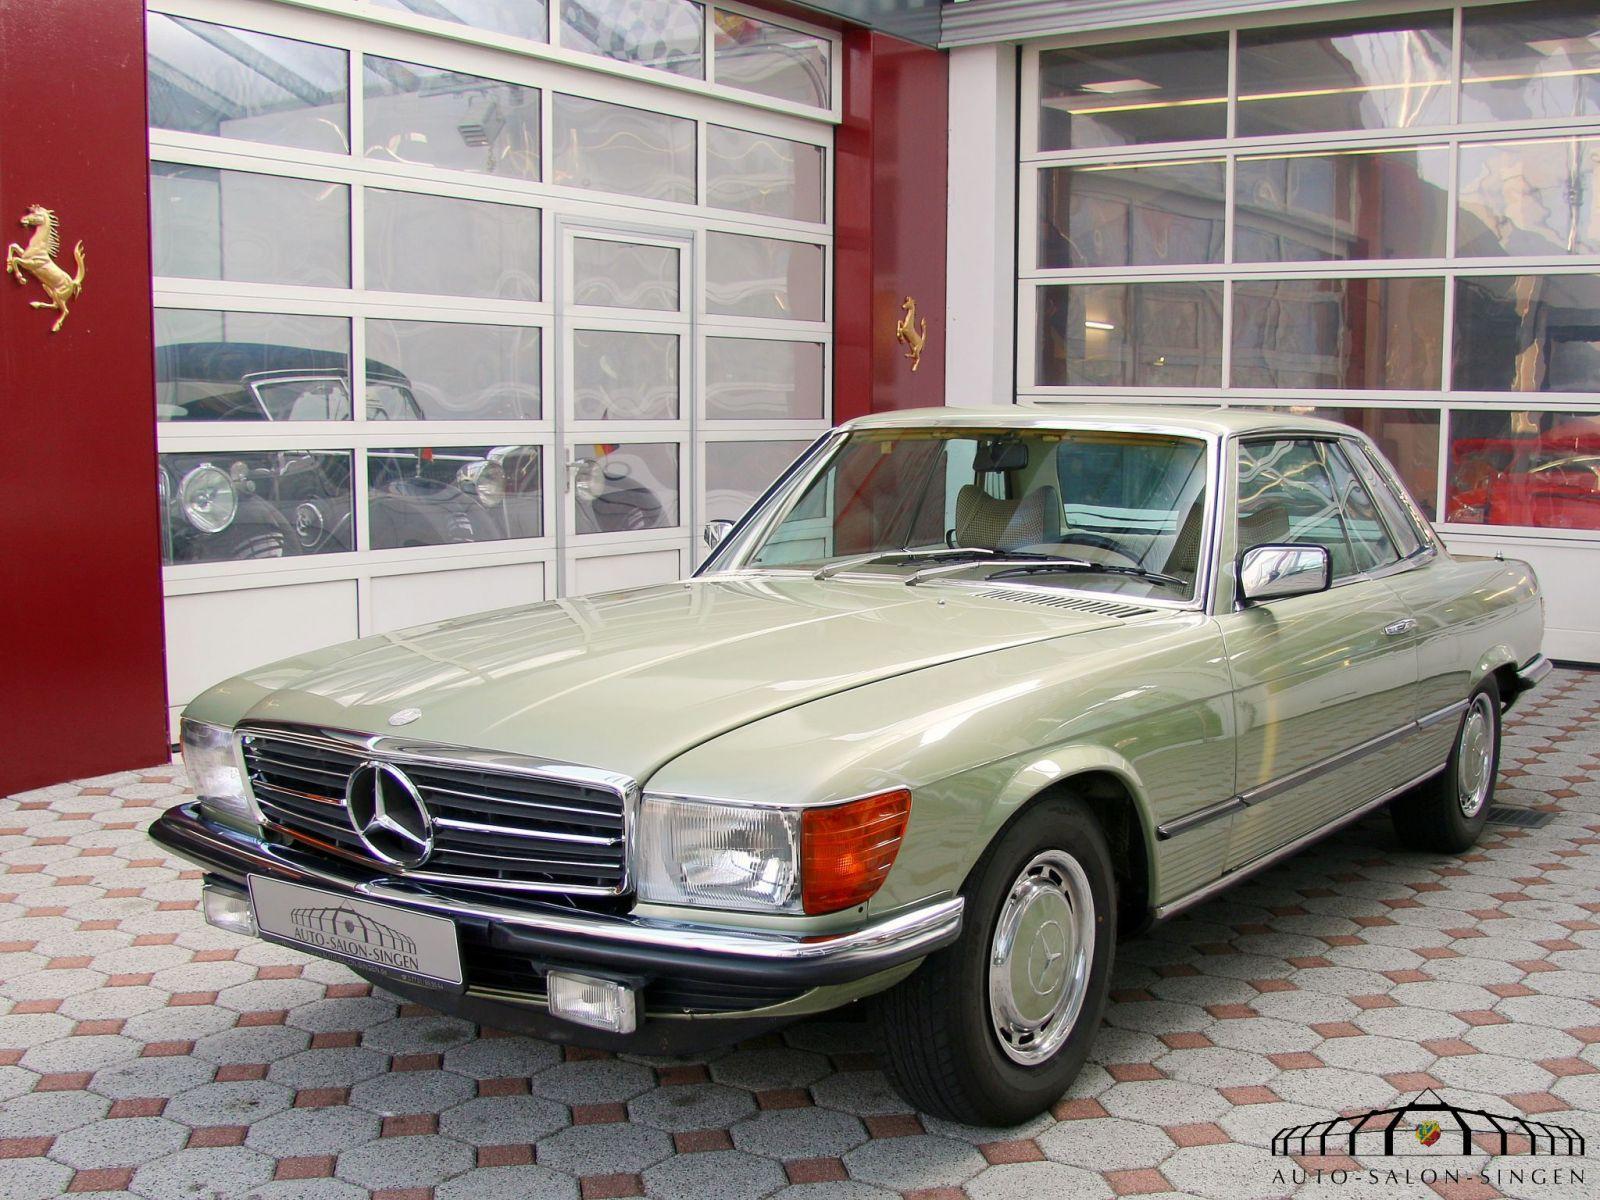 Mercedes benz 450 slc coup auto salon singen for Mercedes benz 450 slc